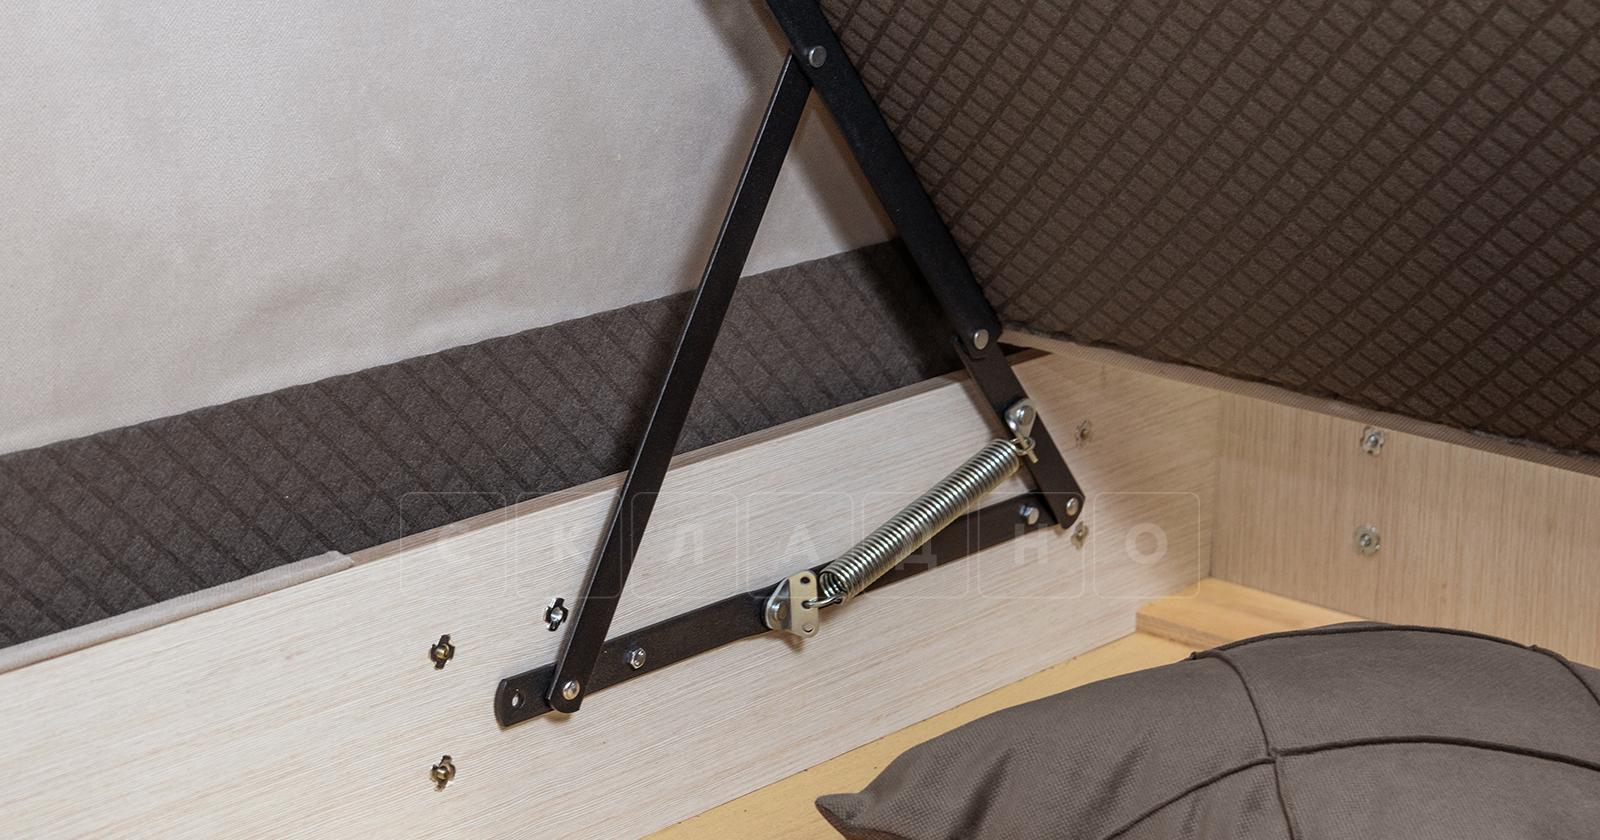 Диван-кровать угловой Флэтфорд серо-бежевый фото 15 | интернет-магазин Складно